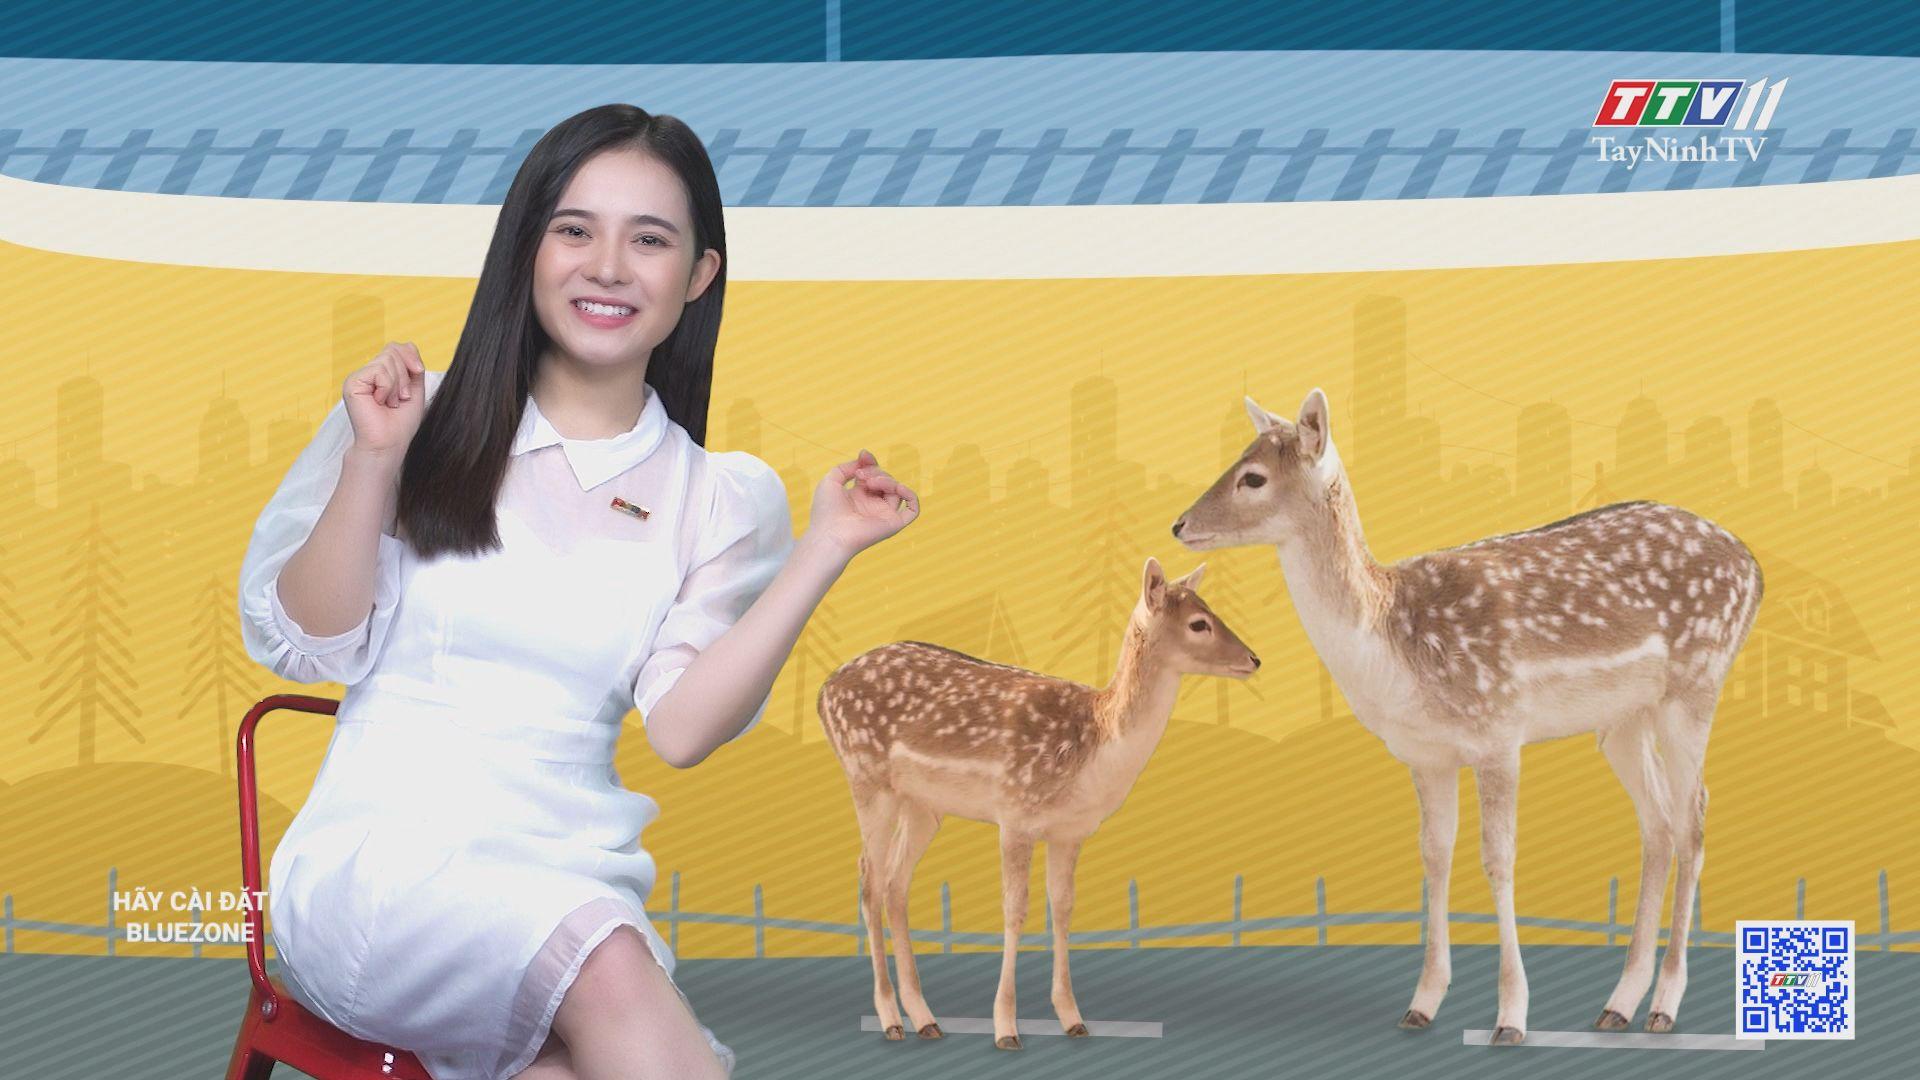 Thành phố của những con hươu sao | CHUYỆN ĐÔNG TÂY KỲ THÚ | TayNinhTV